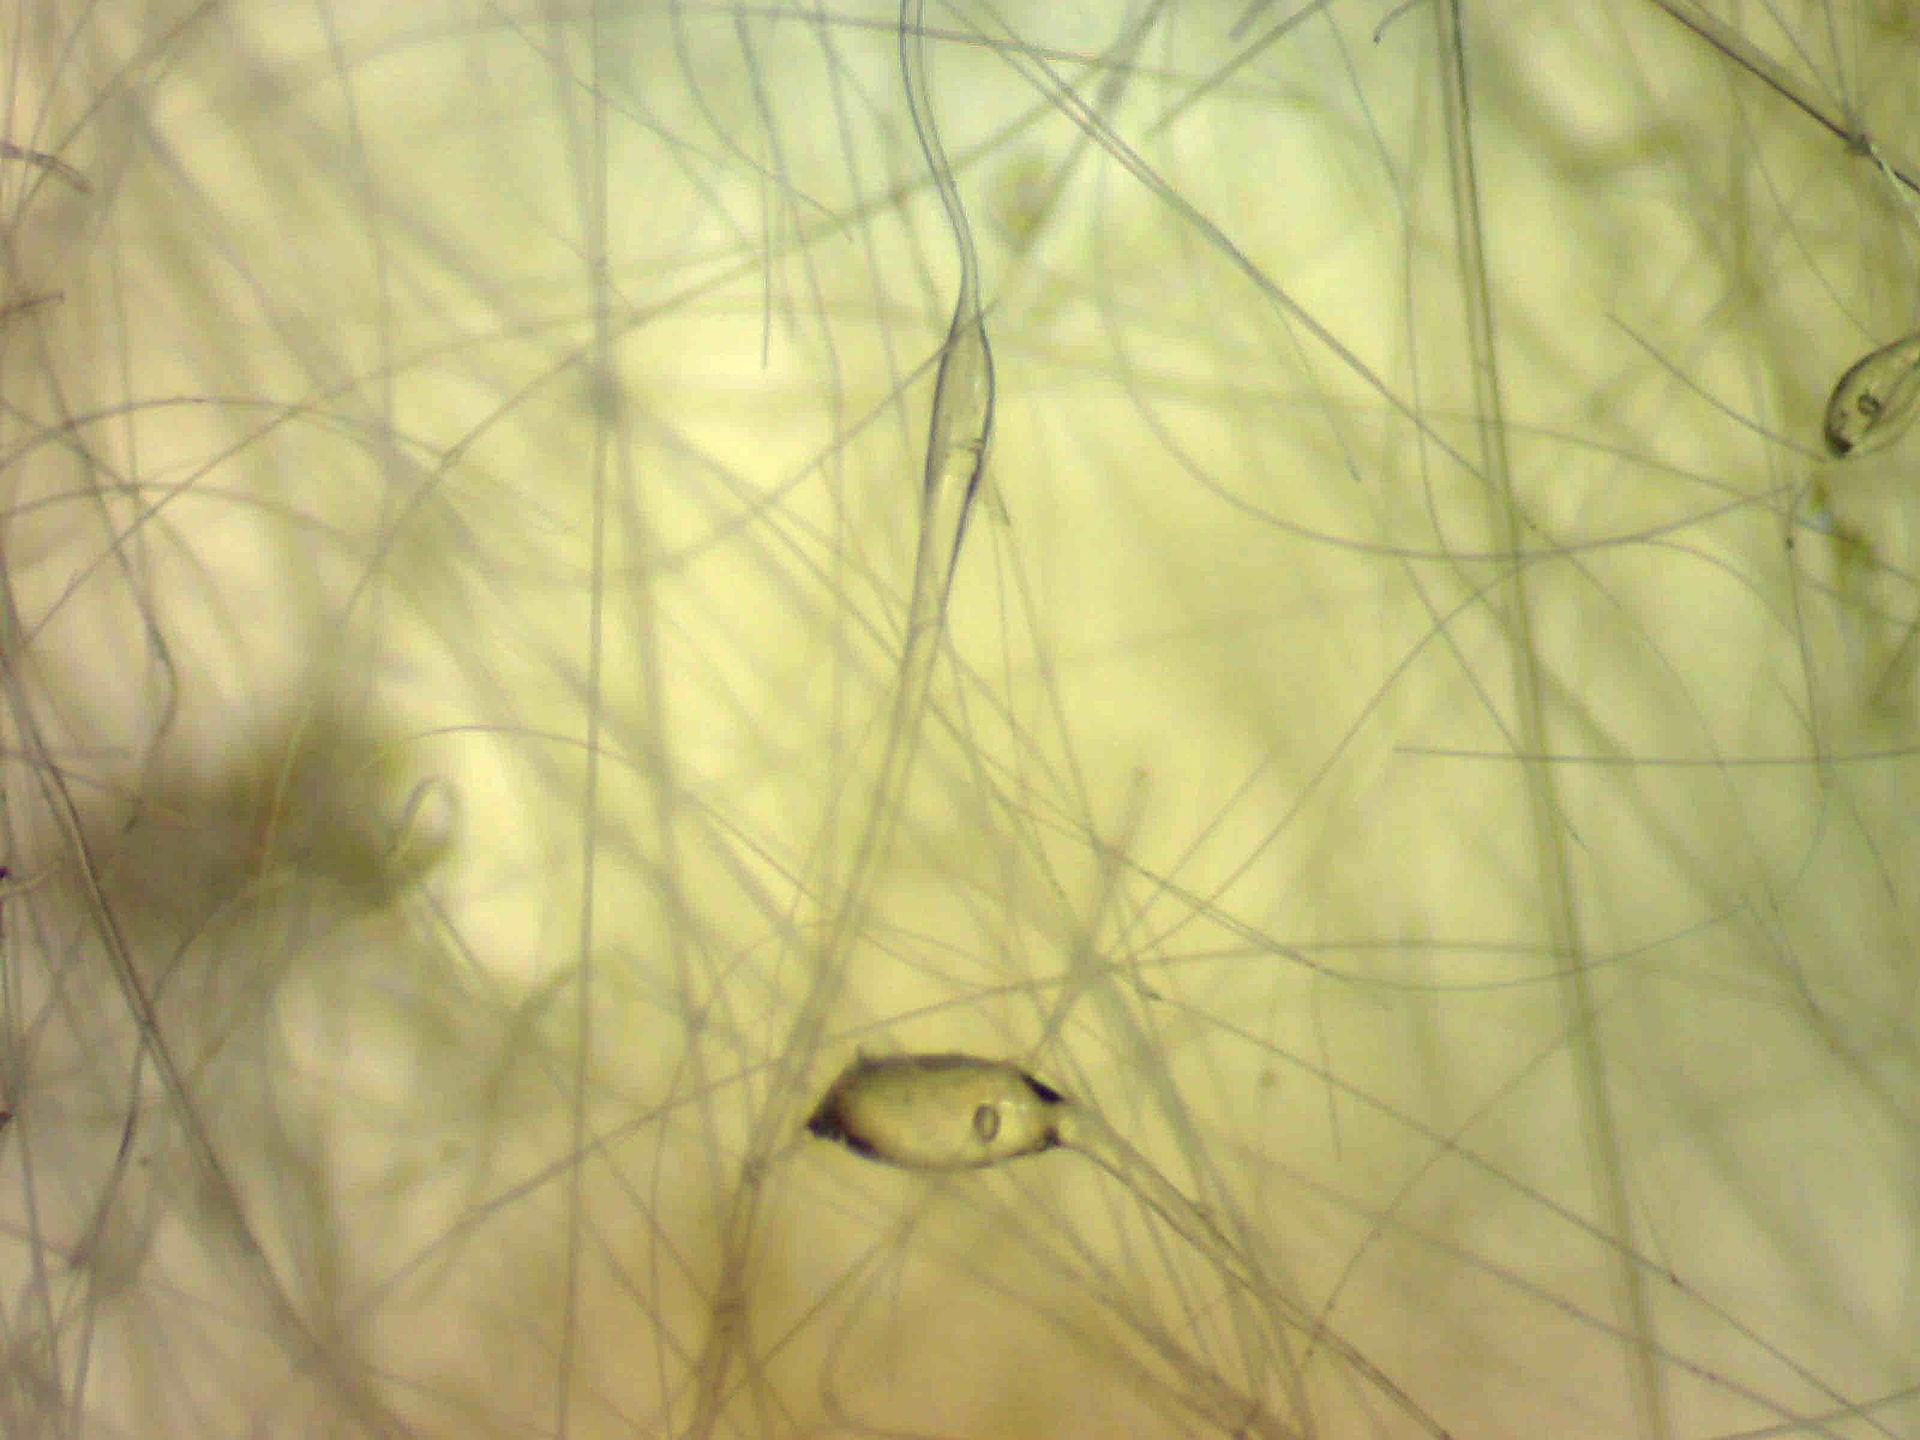 Matériaux fibres céramiques réfractaires Ouest Contrôle Environnement Amiante Prélèvement Analyse Désamiantage